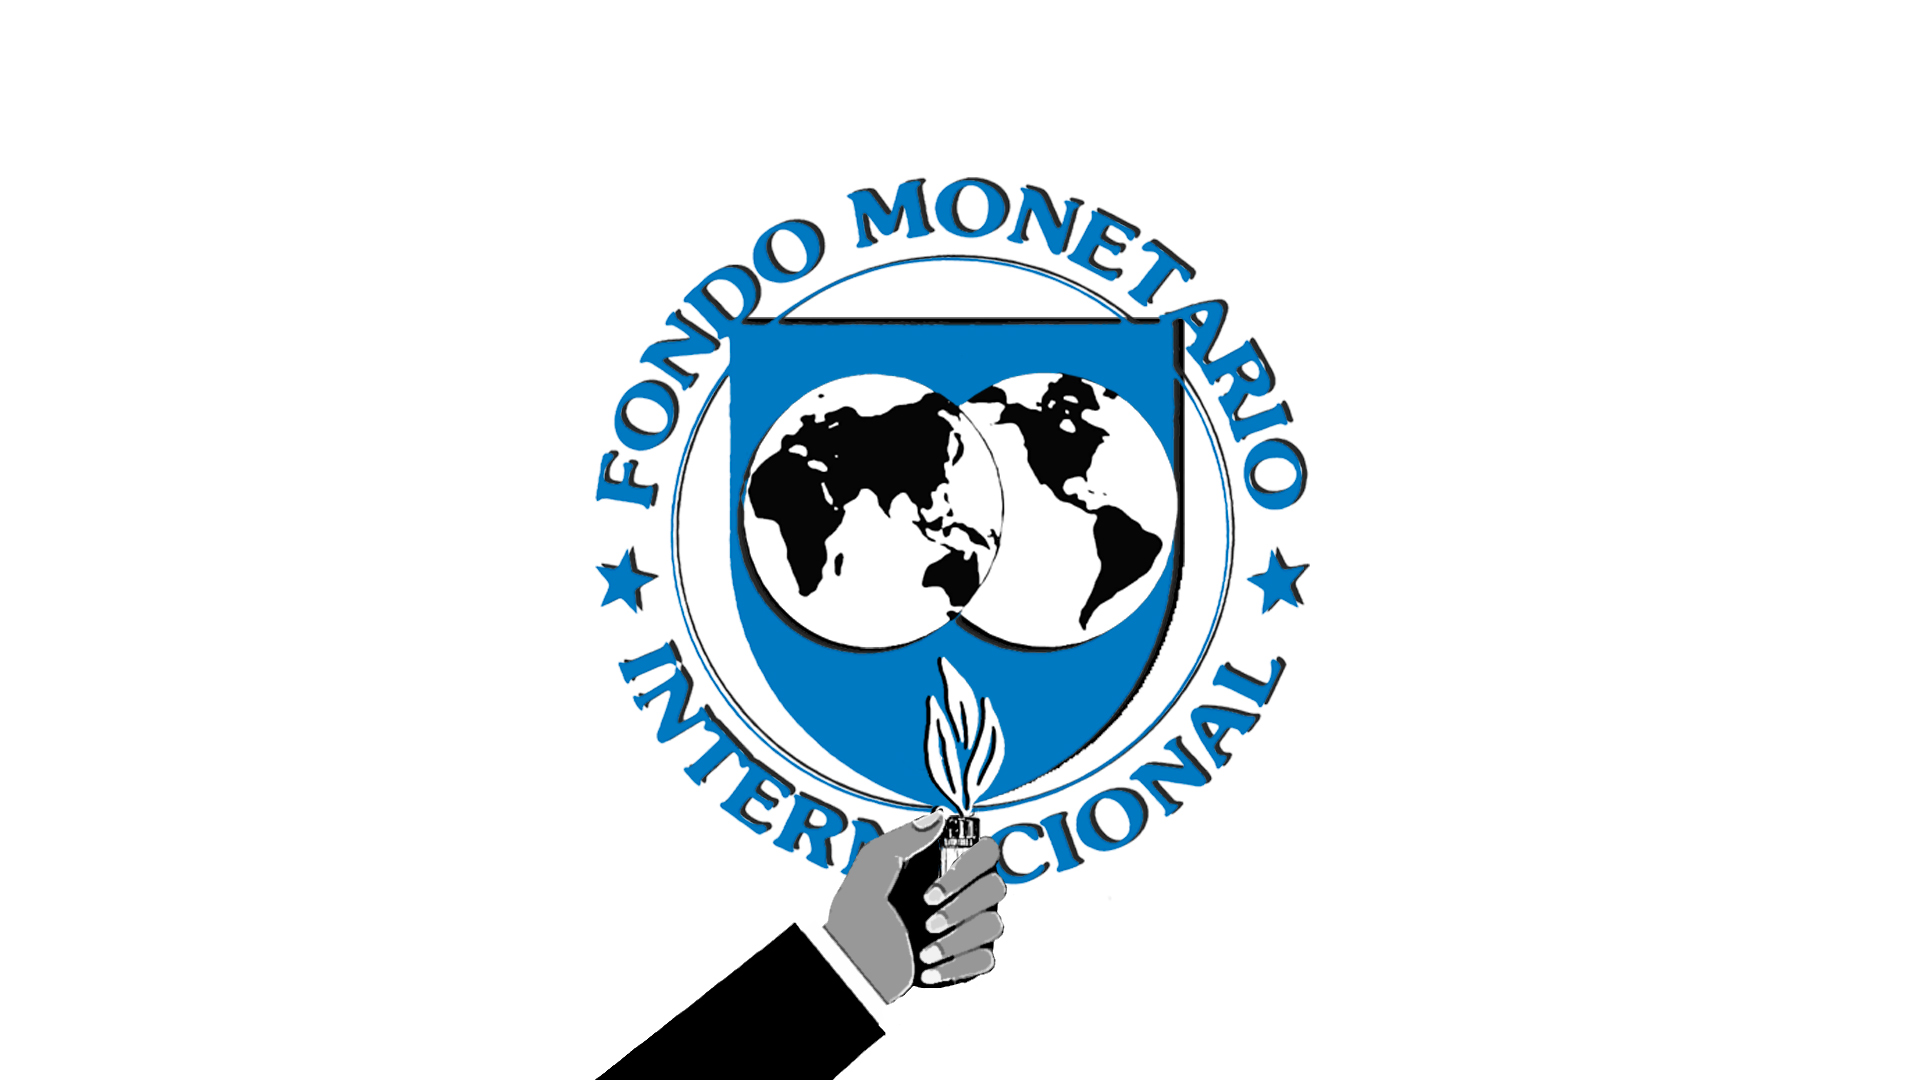 FMI_01